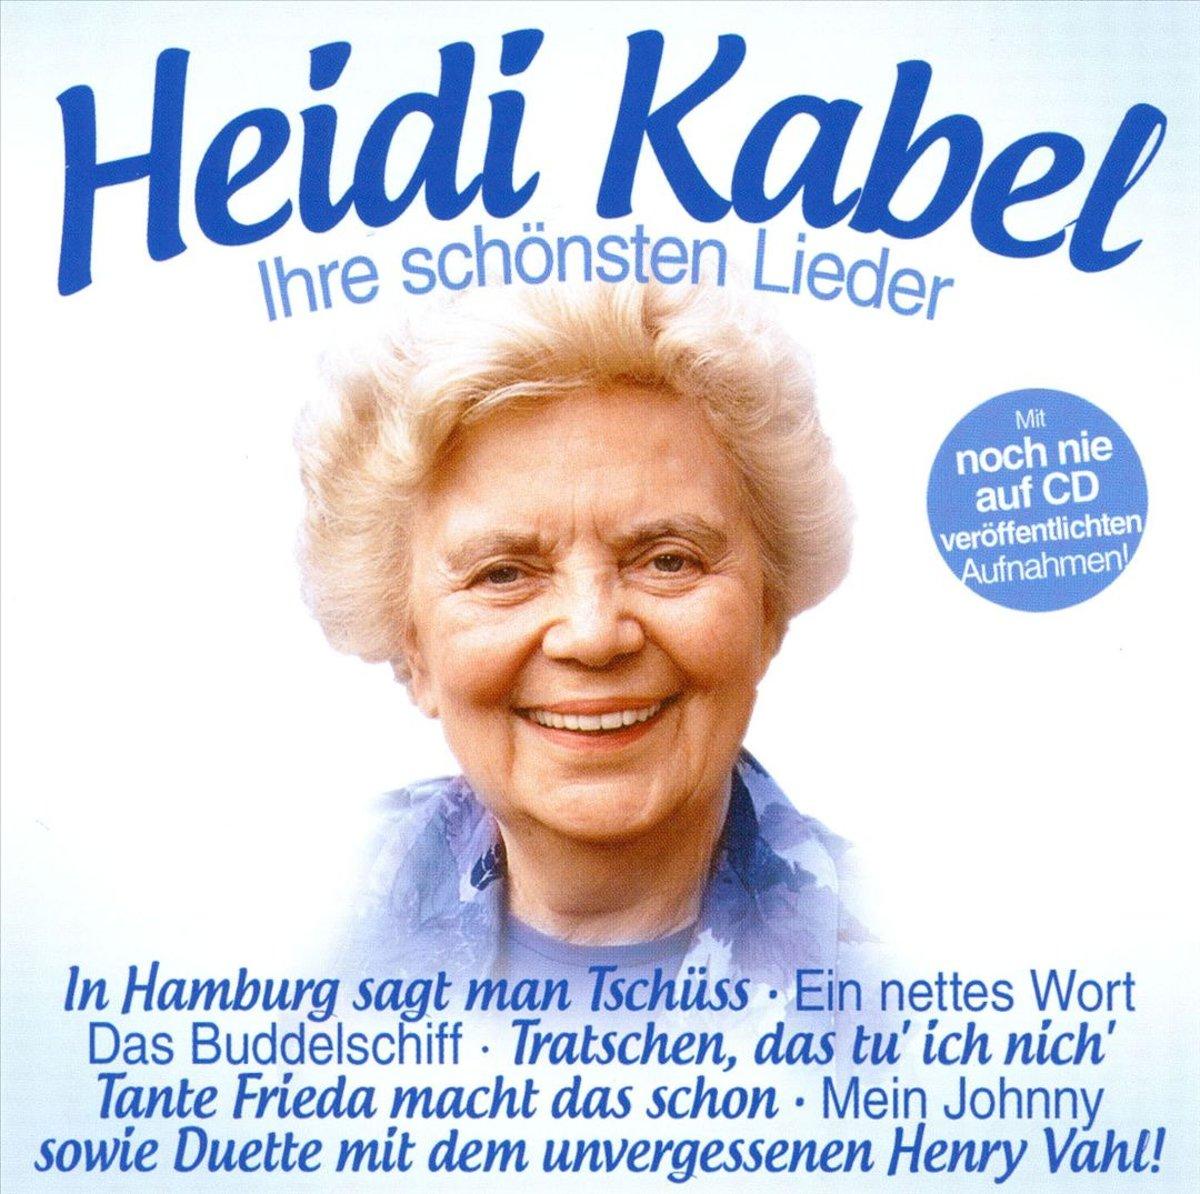 Heidi Kabel Heidi Kabel. Ihre Schonsten Lieder heidi vihma setost saarteni